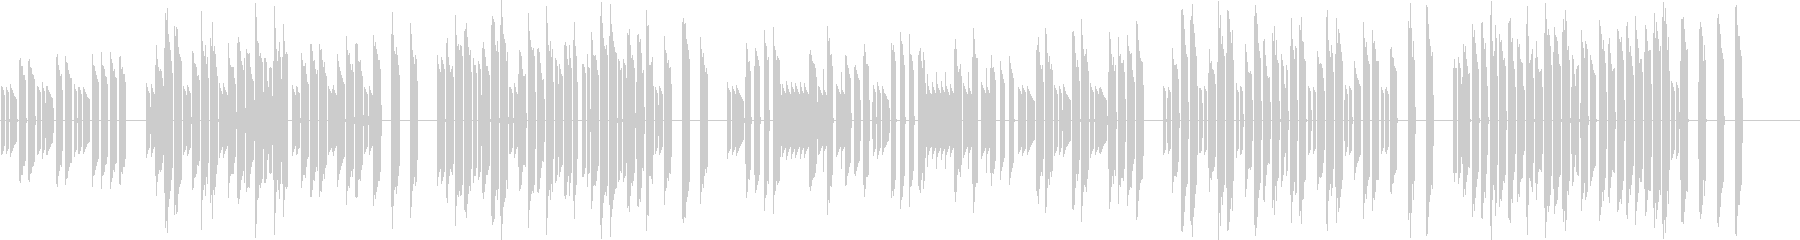 3分クッキングの原曲【シンセ】2の未再生の波形